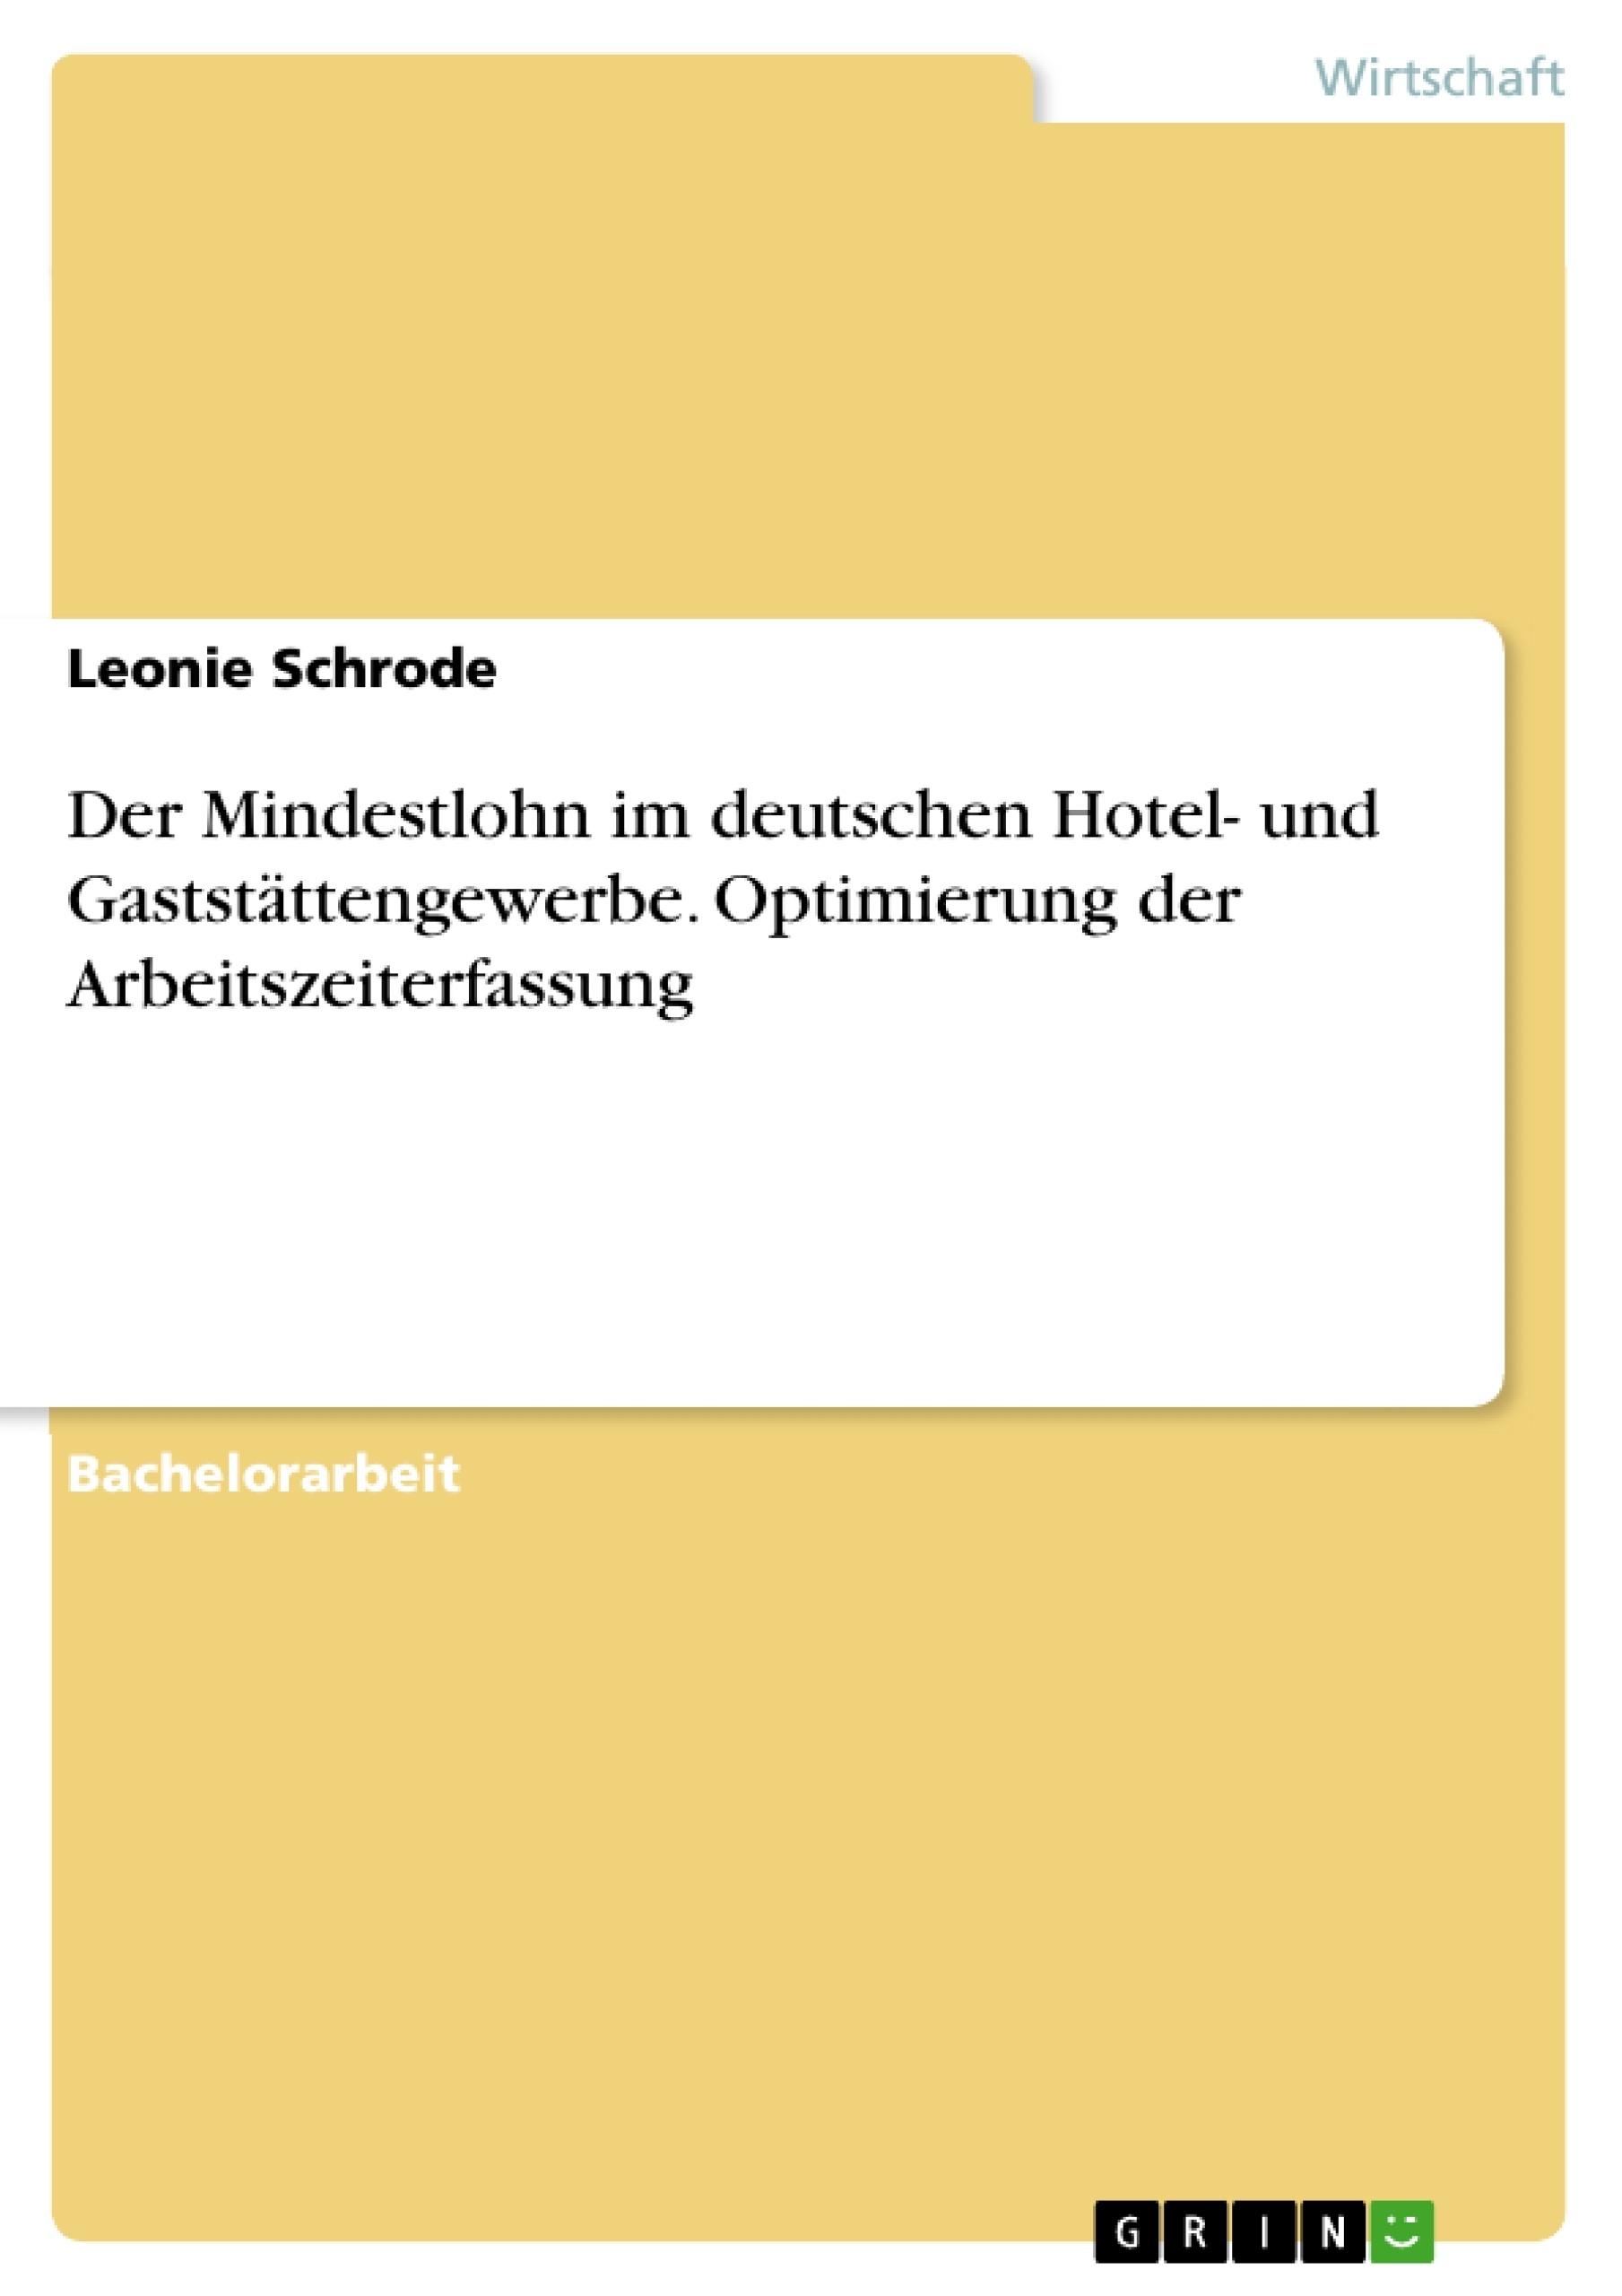 Titel: Der Mindestlohn im deutschen Hotel- und Gaststättengewerbe. Optimierung der Arbeitszeiterfassung